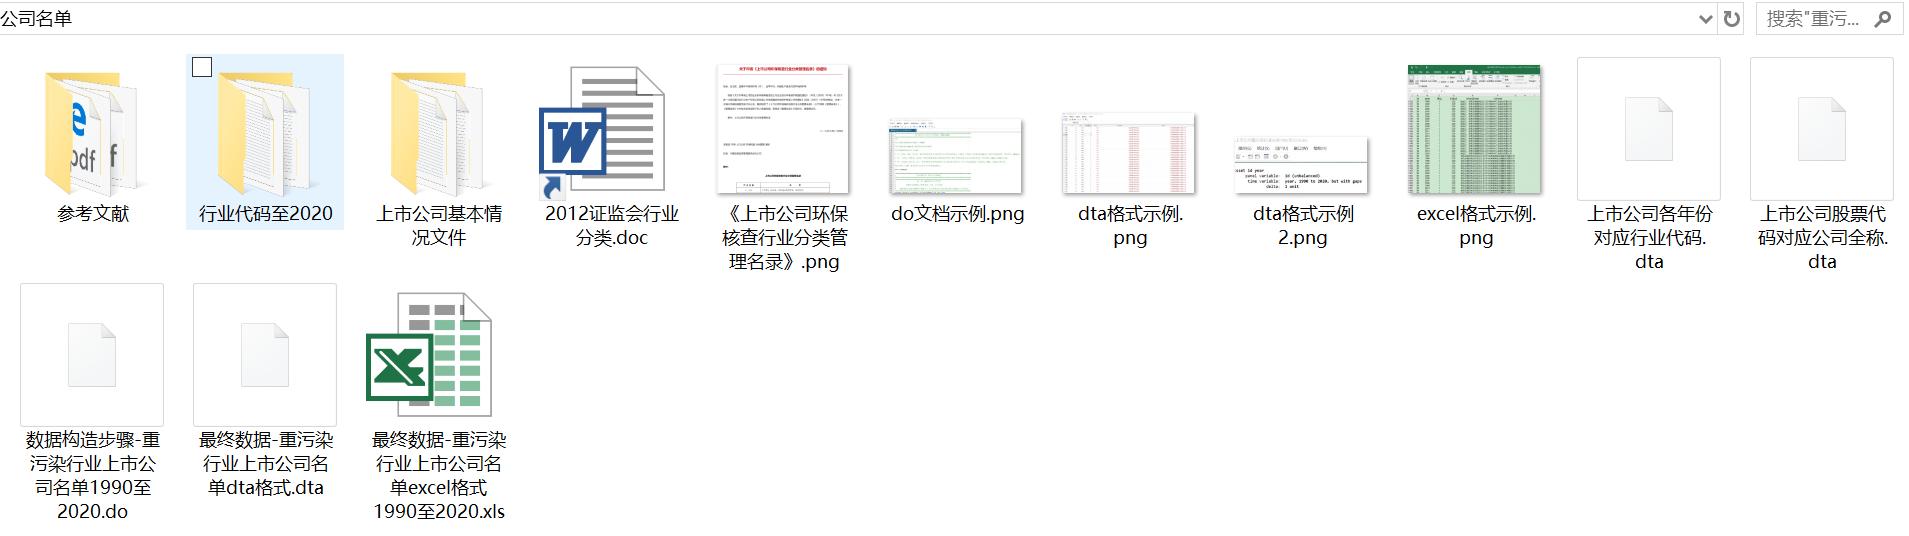 附件示例.png